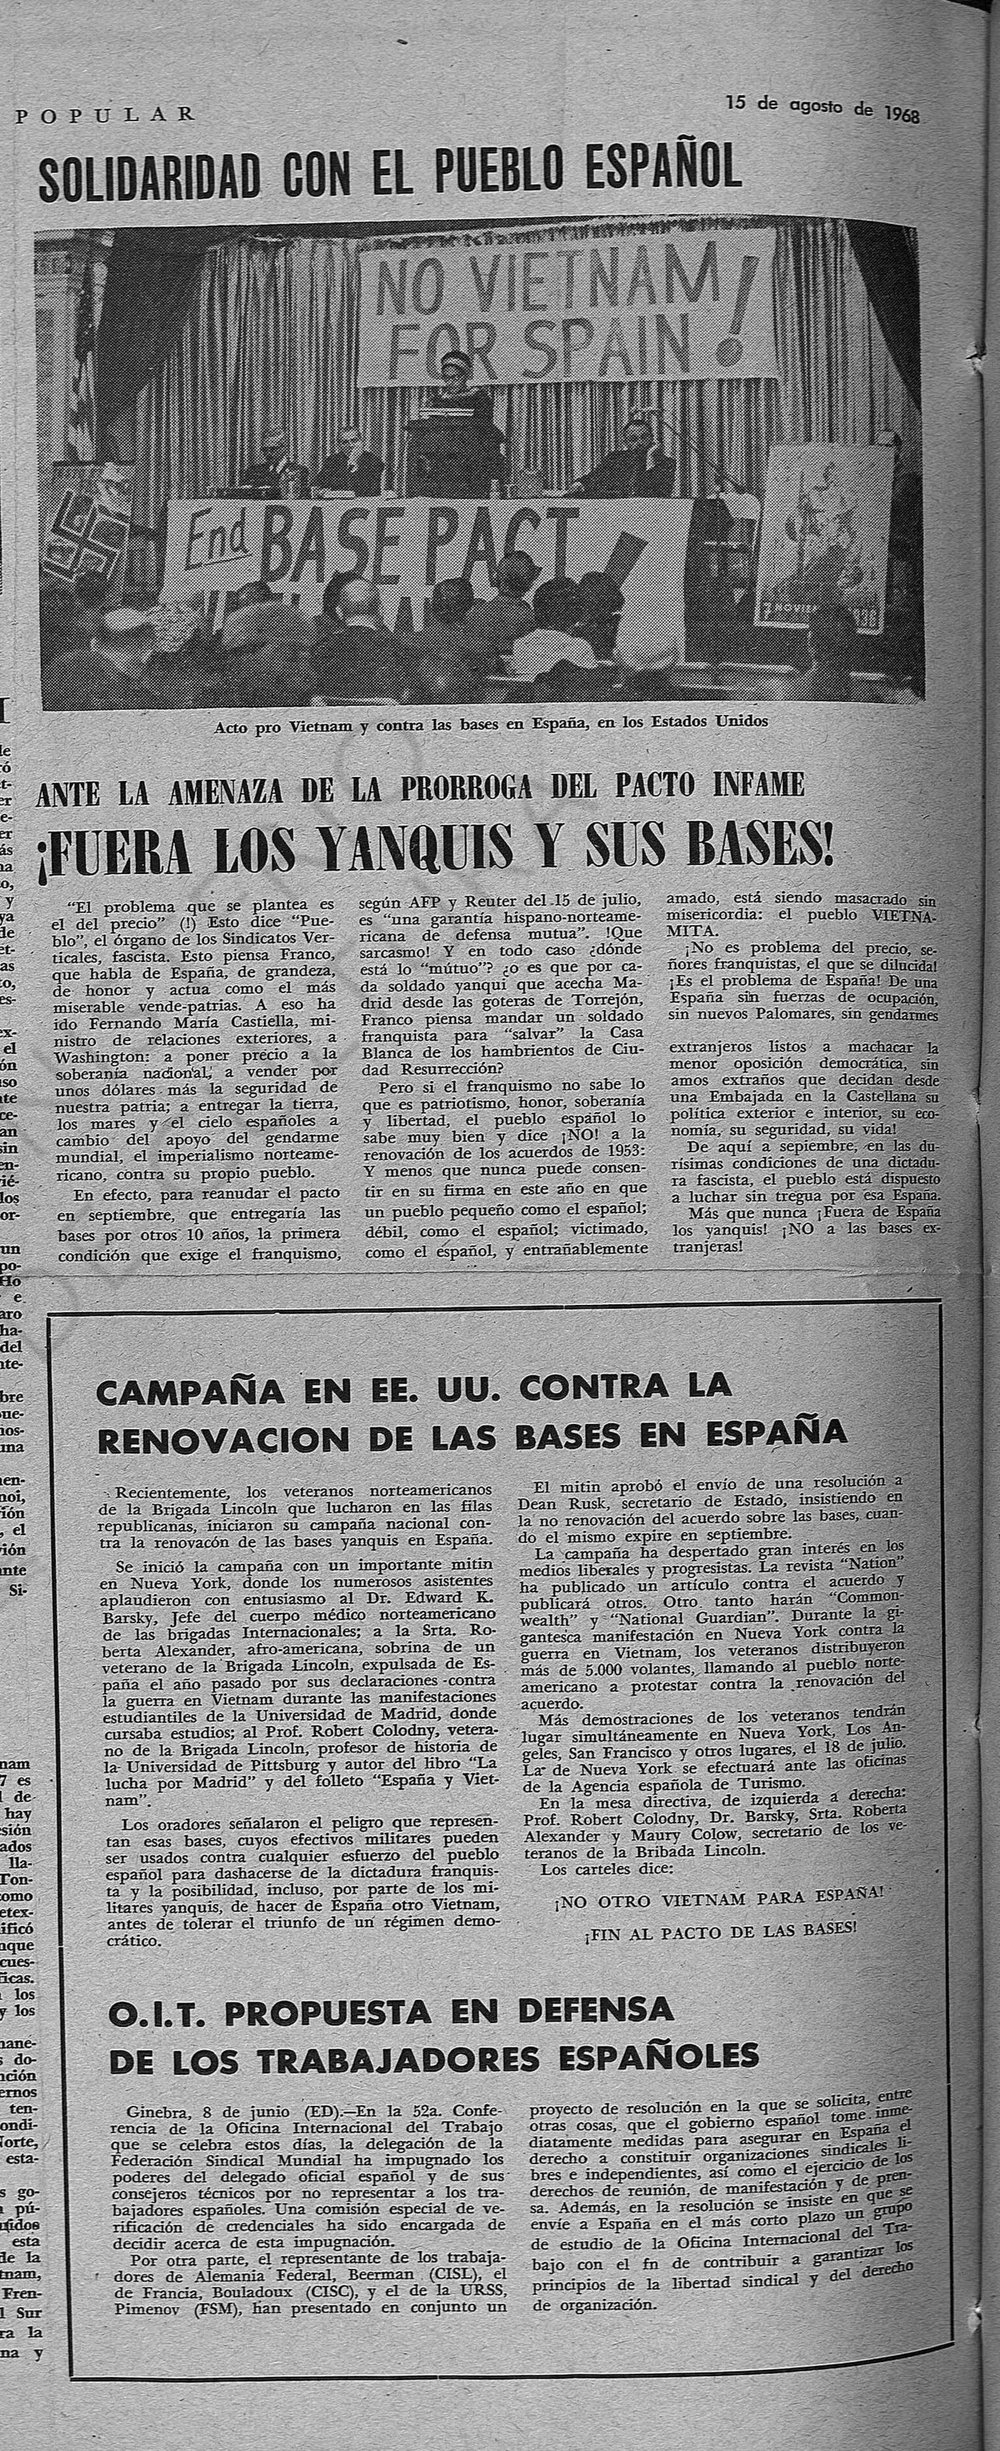 Roberta pronuncia un discurso en un acto celebrado en Estados Unidos, tras su regreso de Madrid, contra la guerra de Vietnam y las bases estadounidenses en España ( España Popular , 15 de agosto de 1968)